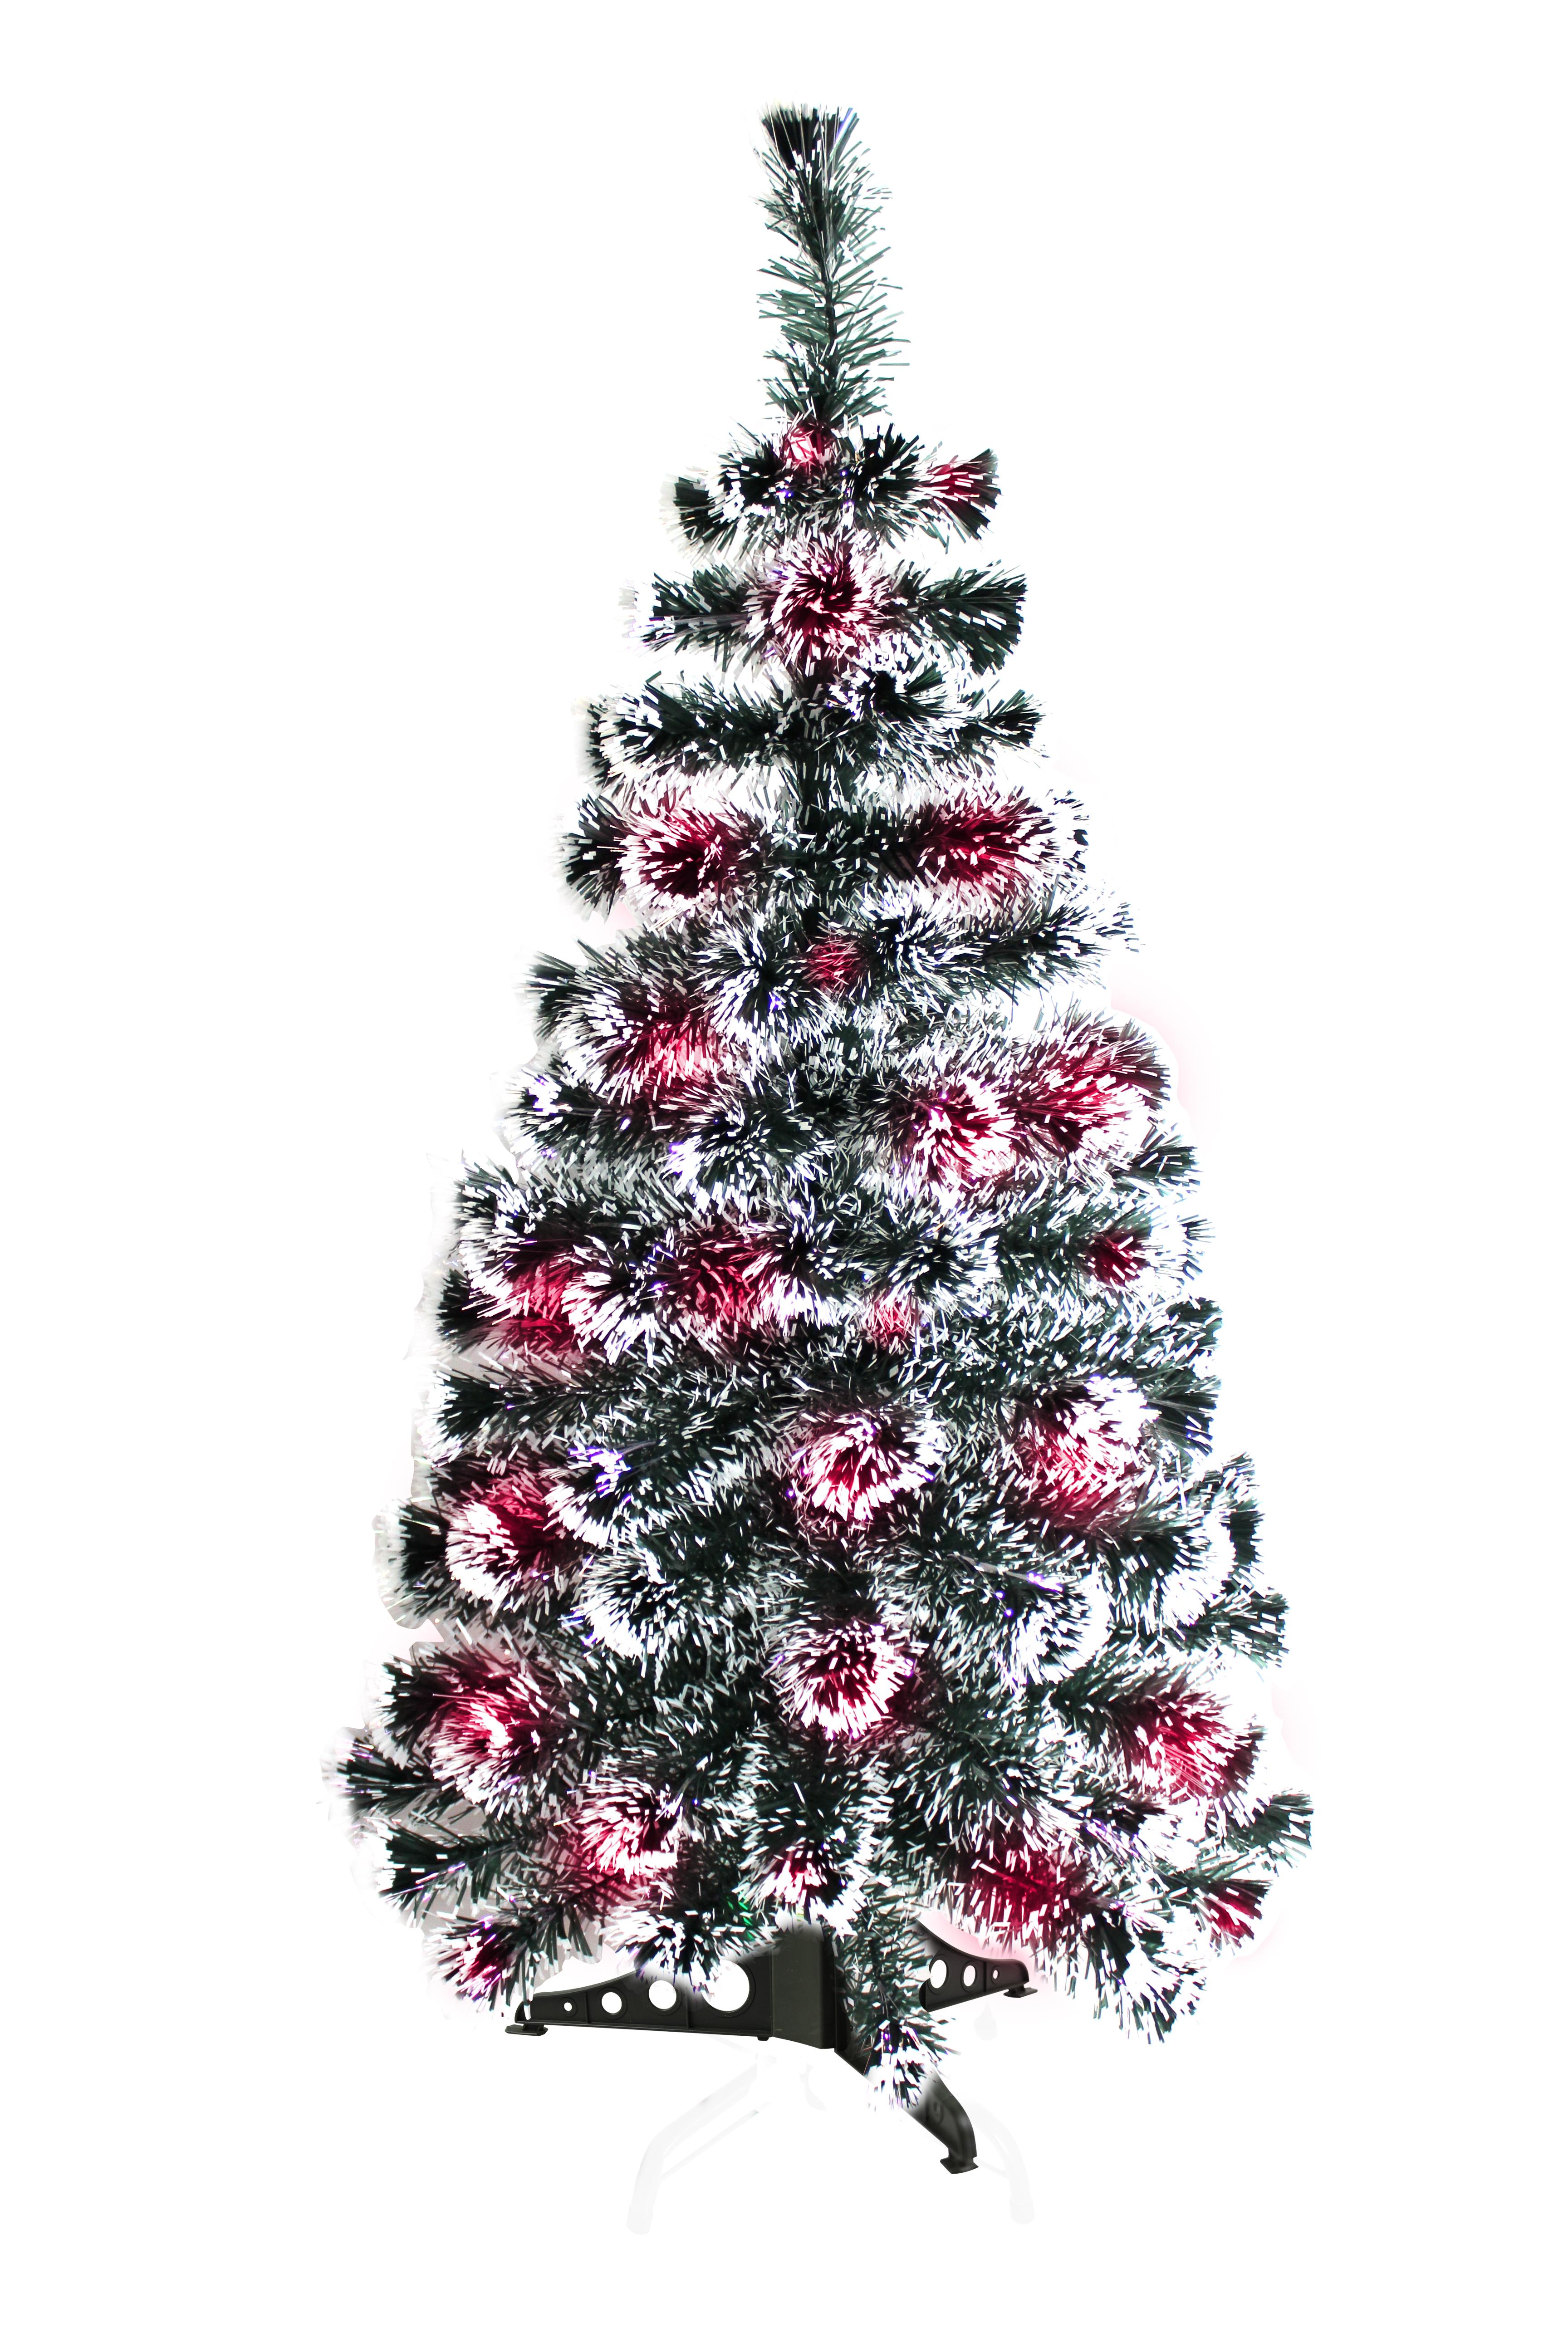 Künstlicher Weihnachtsbaum Mit Licht.Künstlicher Weihnachtsbaum 120 Cm Htf 2404 Led Beleuchtung Inkl